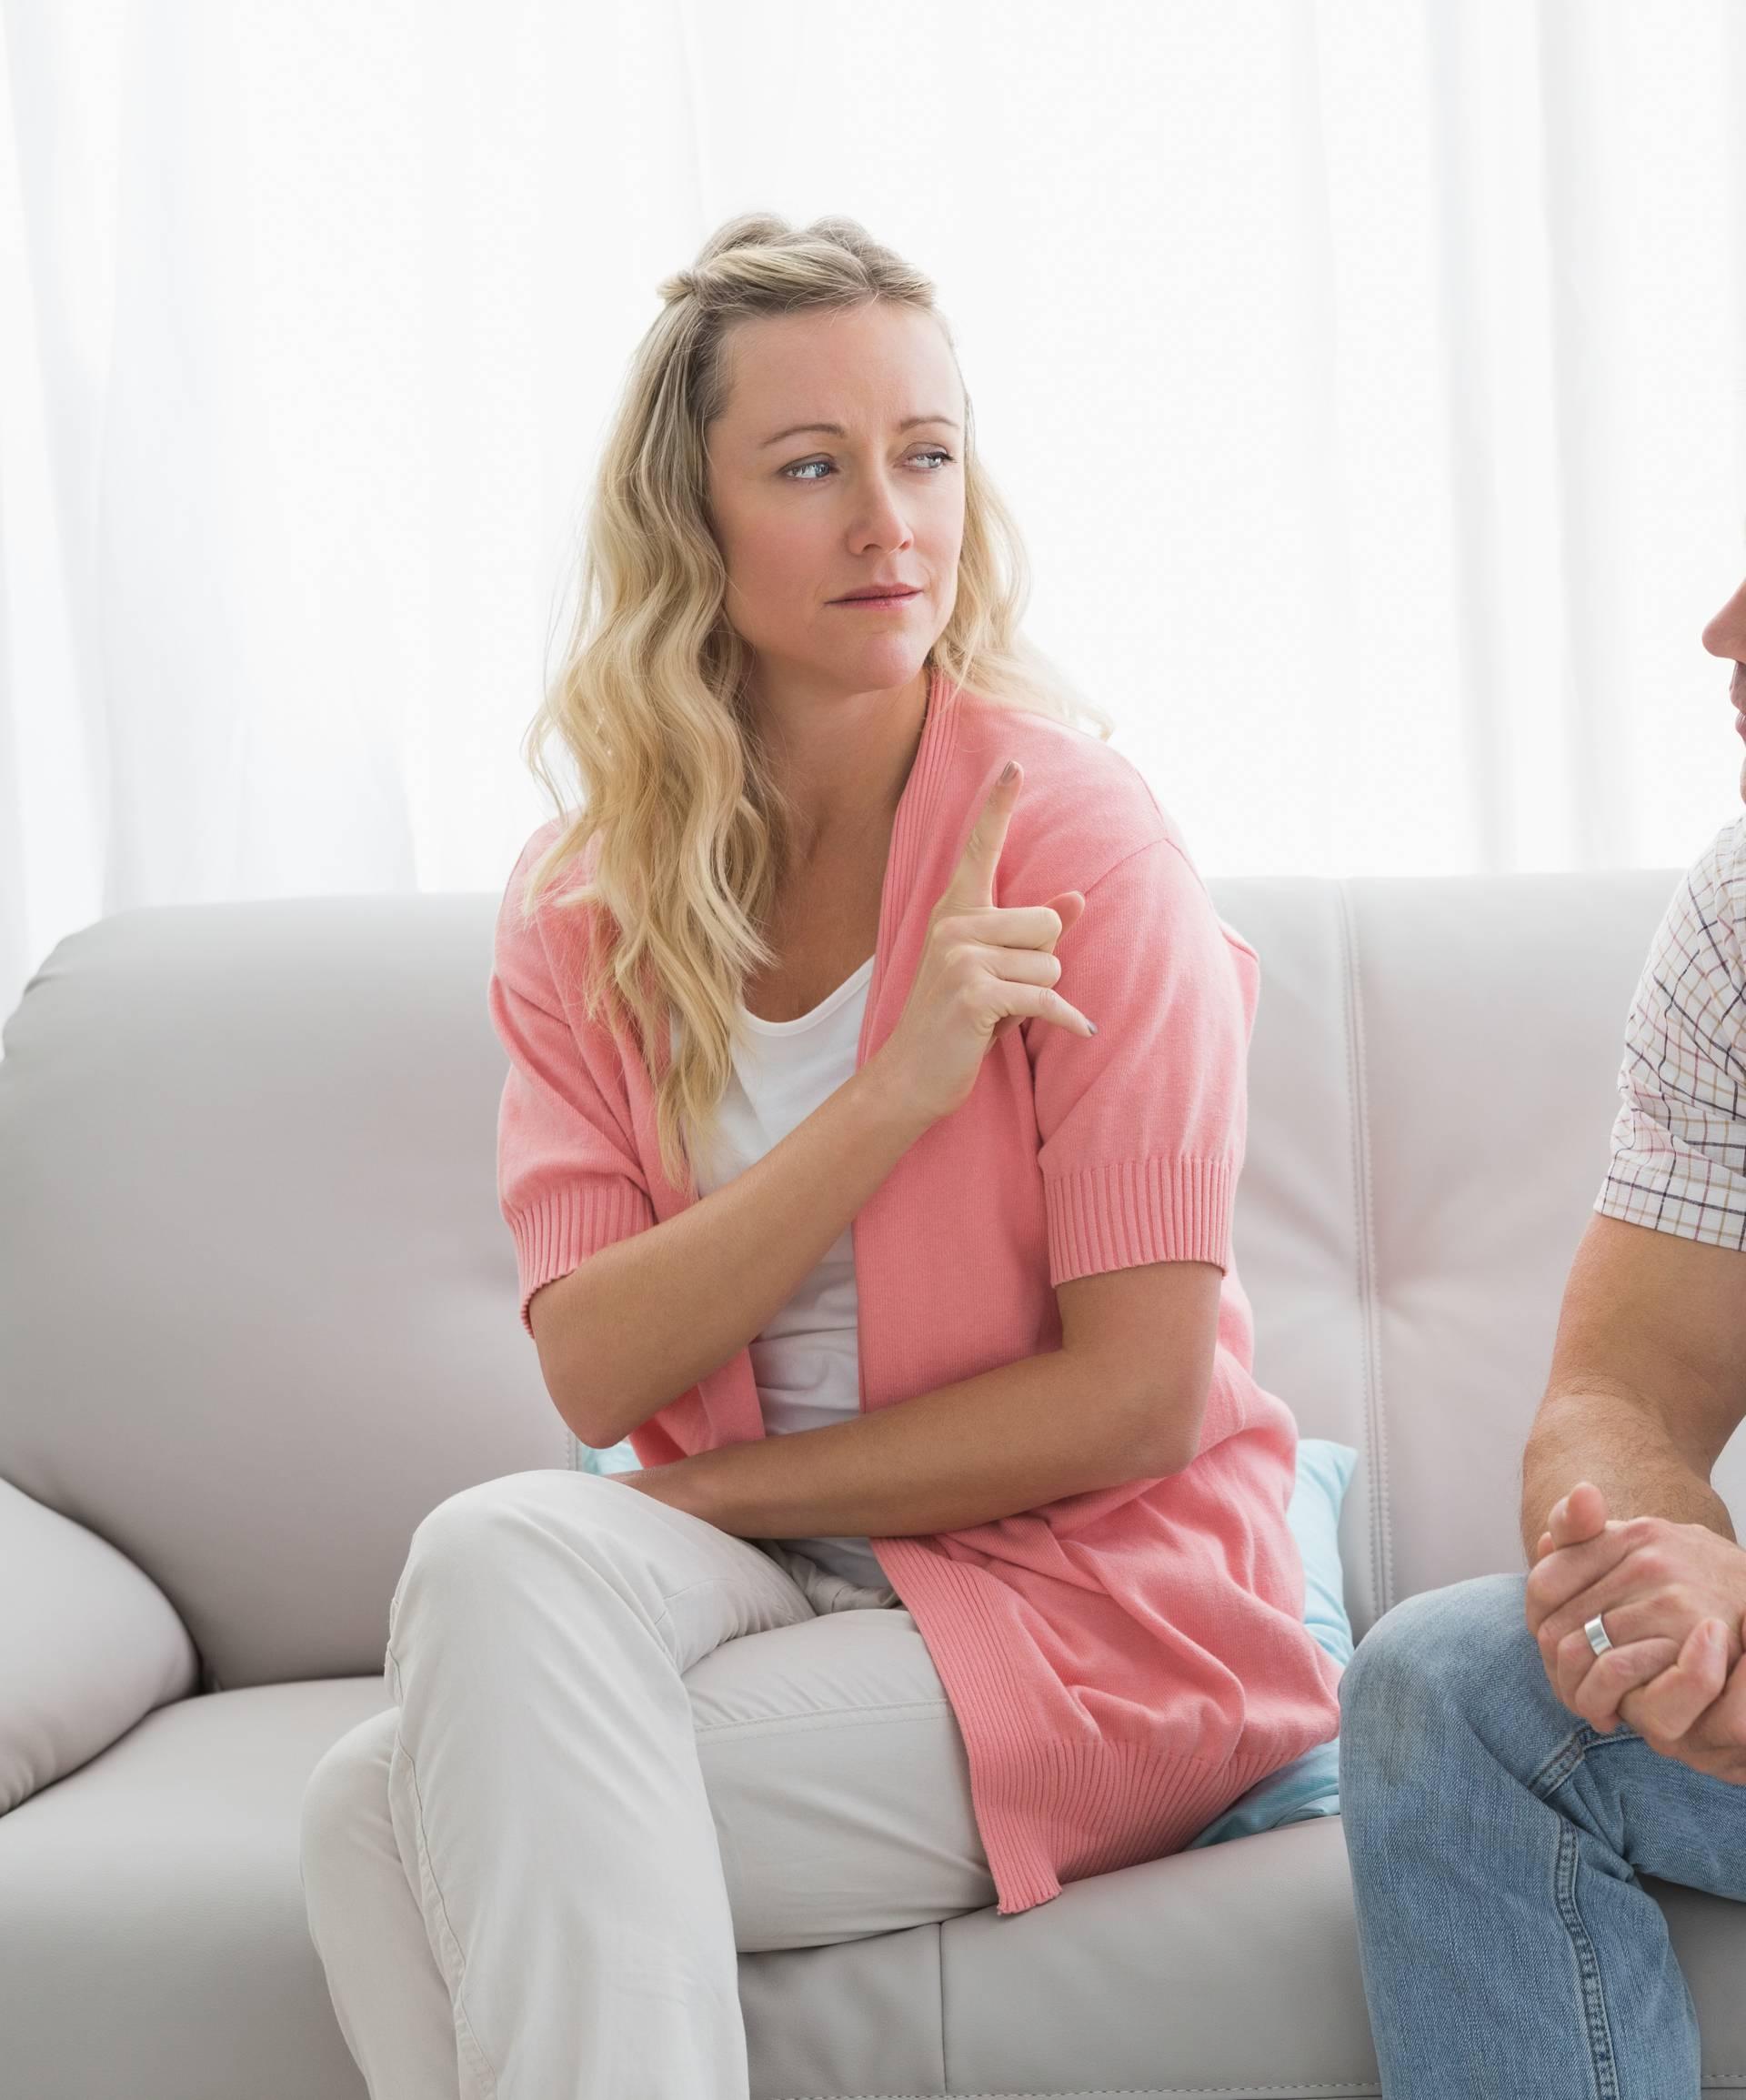 Zbog bračnih svađa više pate muževi - utječe im na zdravlje